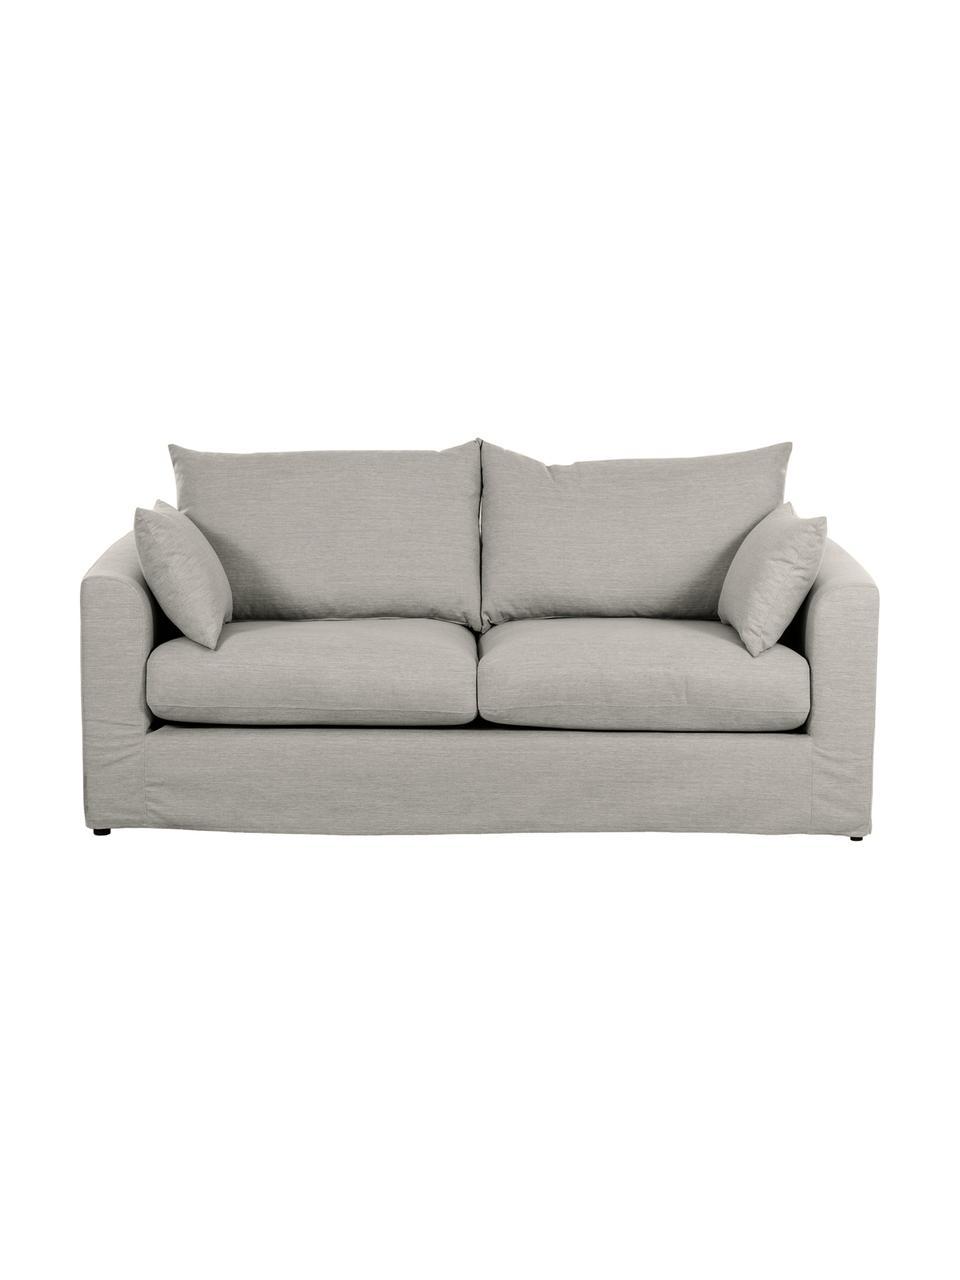 Sofa Zach (2-Sitzer) in Taupe, Bezug: Polypropylen Der hochwert, Füße: Kunststoff, Webstoff Zach, B 191 x T 90 cm